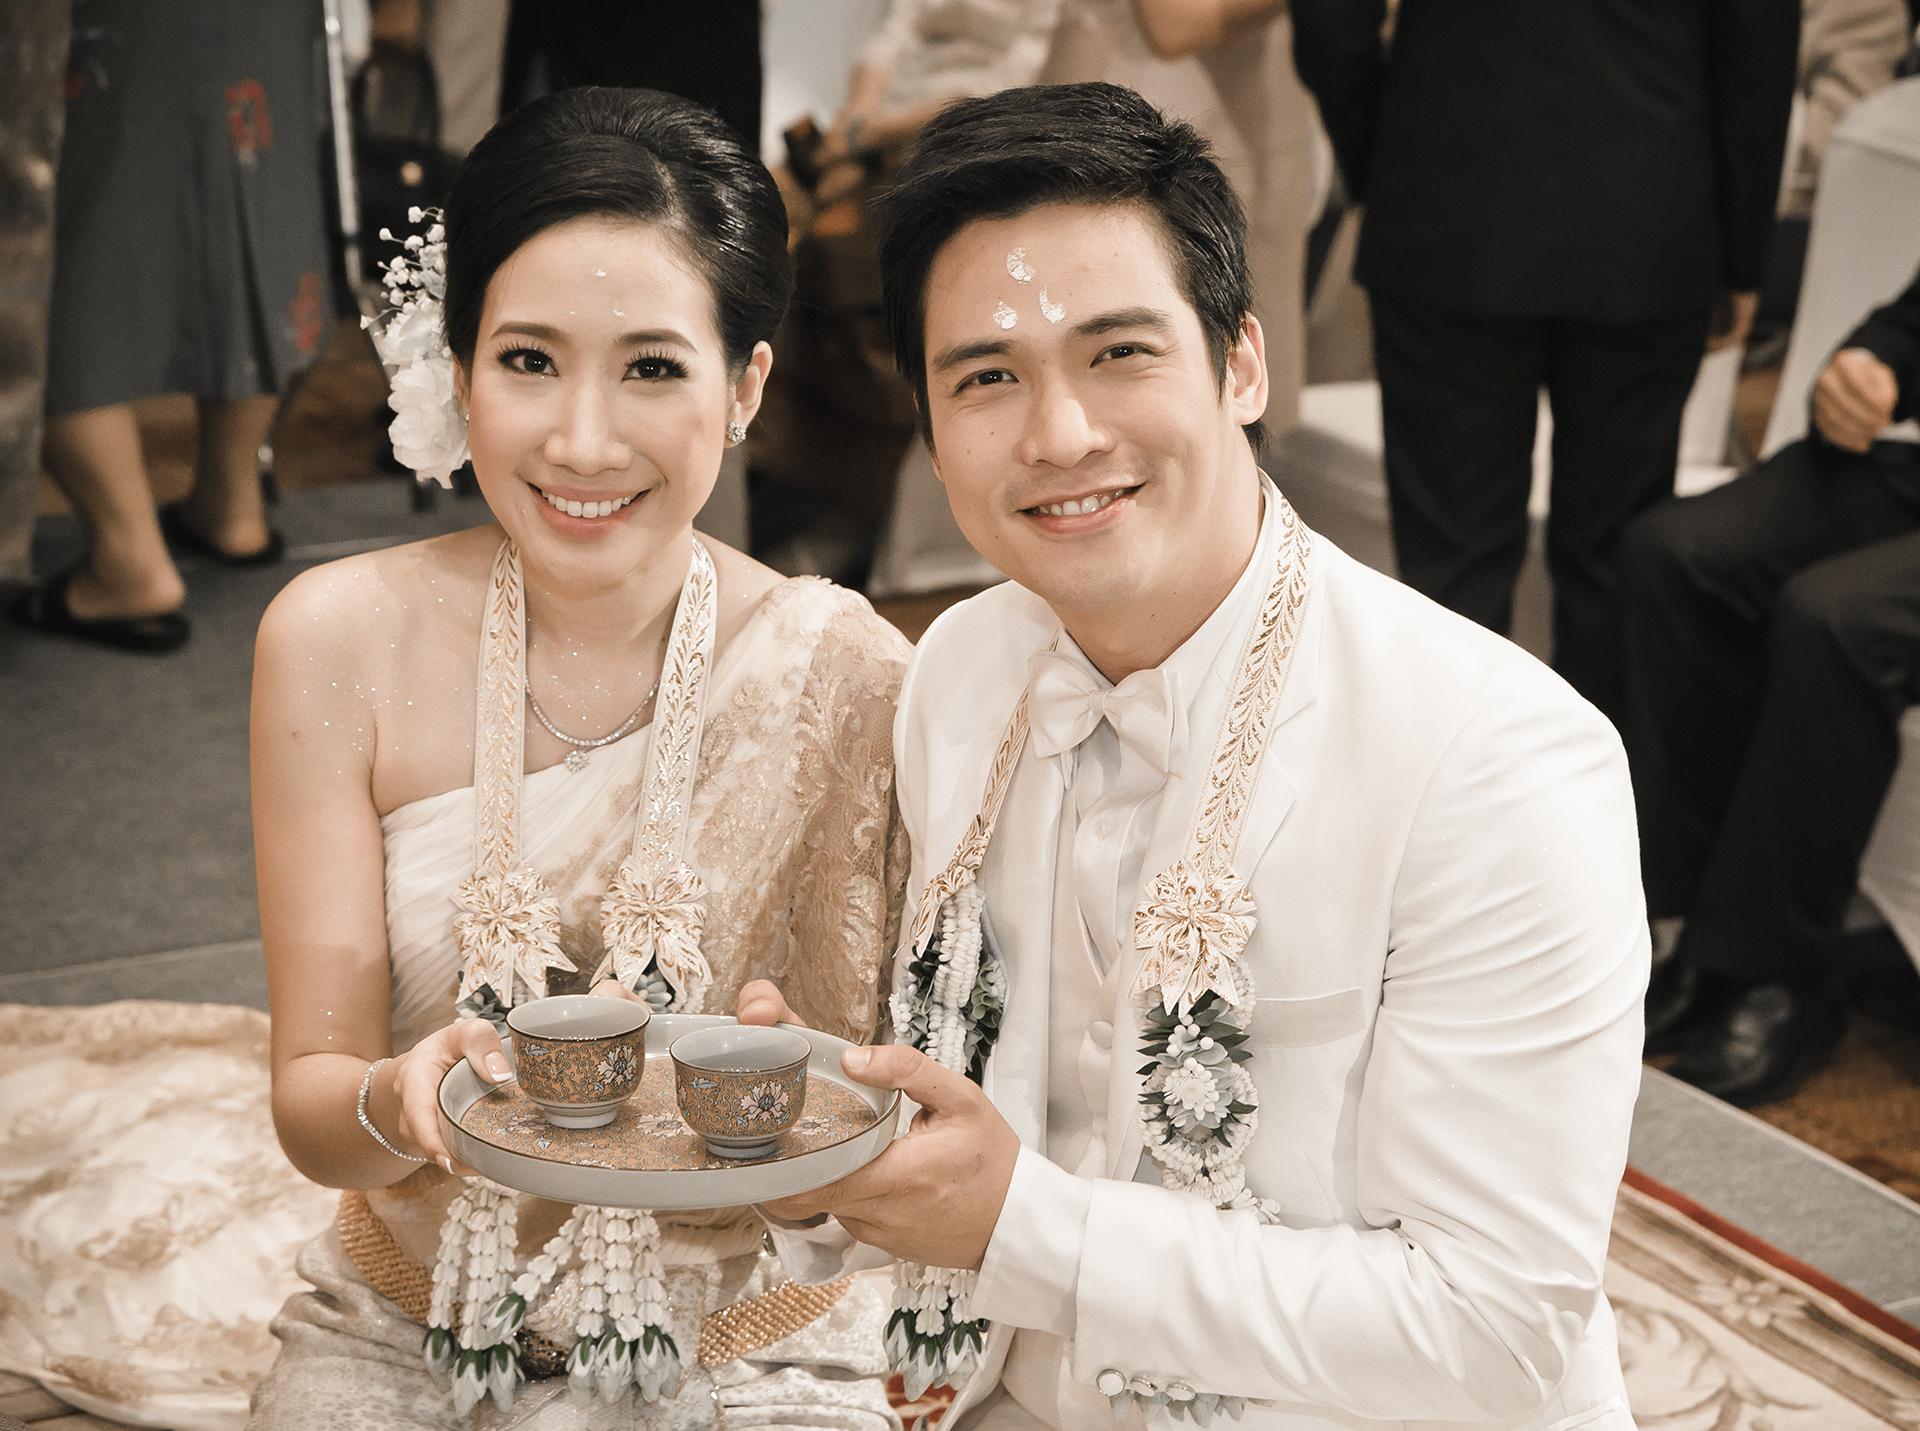 Wedding Style im Land des Lächelns